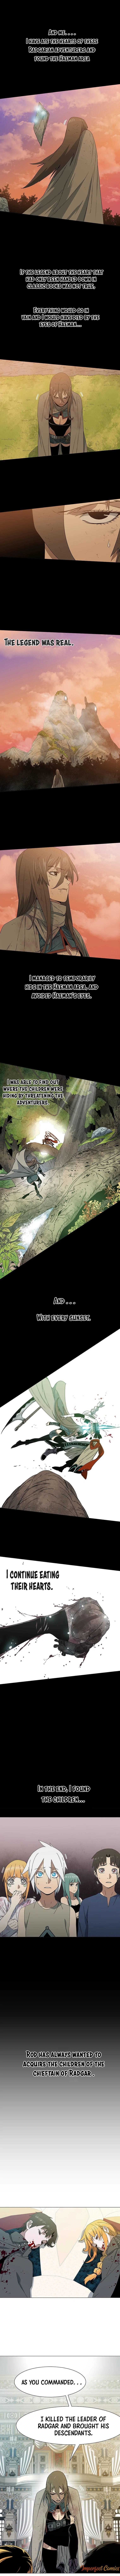 Trouble Chapter 7 page 6 - Mangakakalots.com